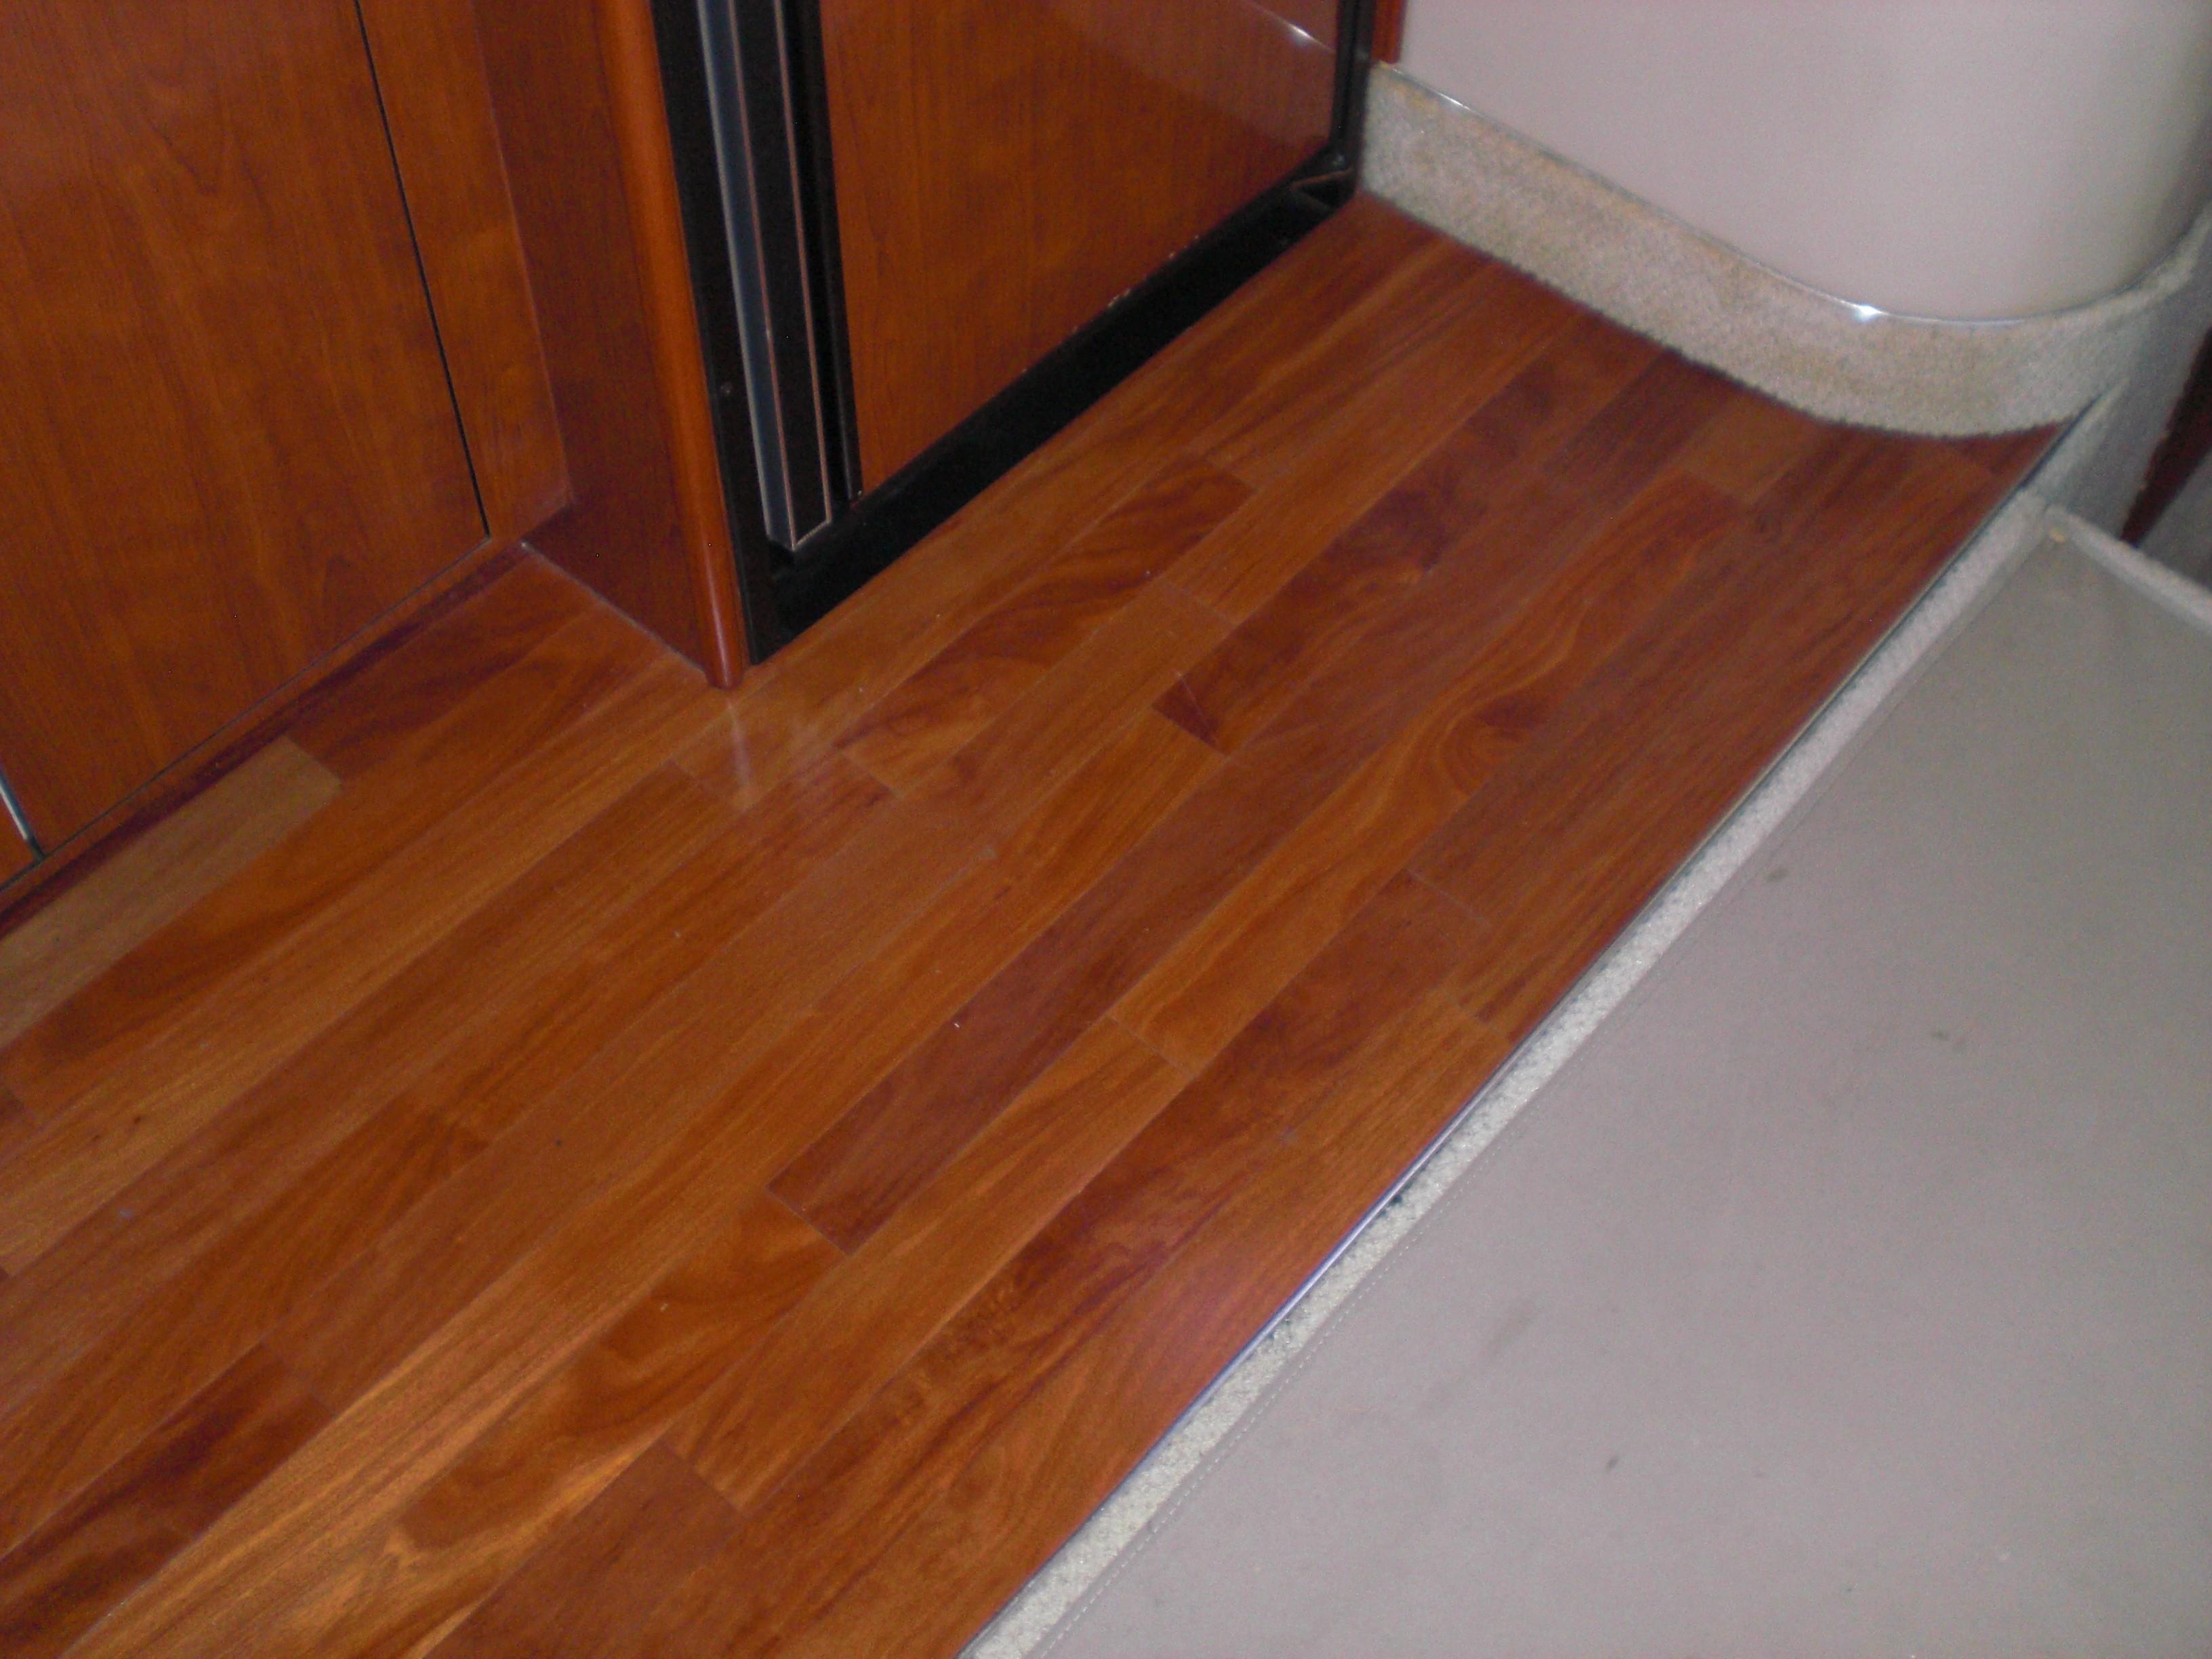 Sea Ray 480 Motor Yacht - Hardwood Floor in Galley